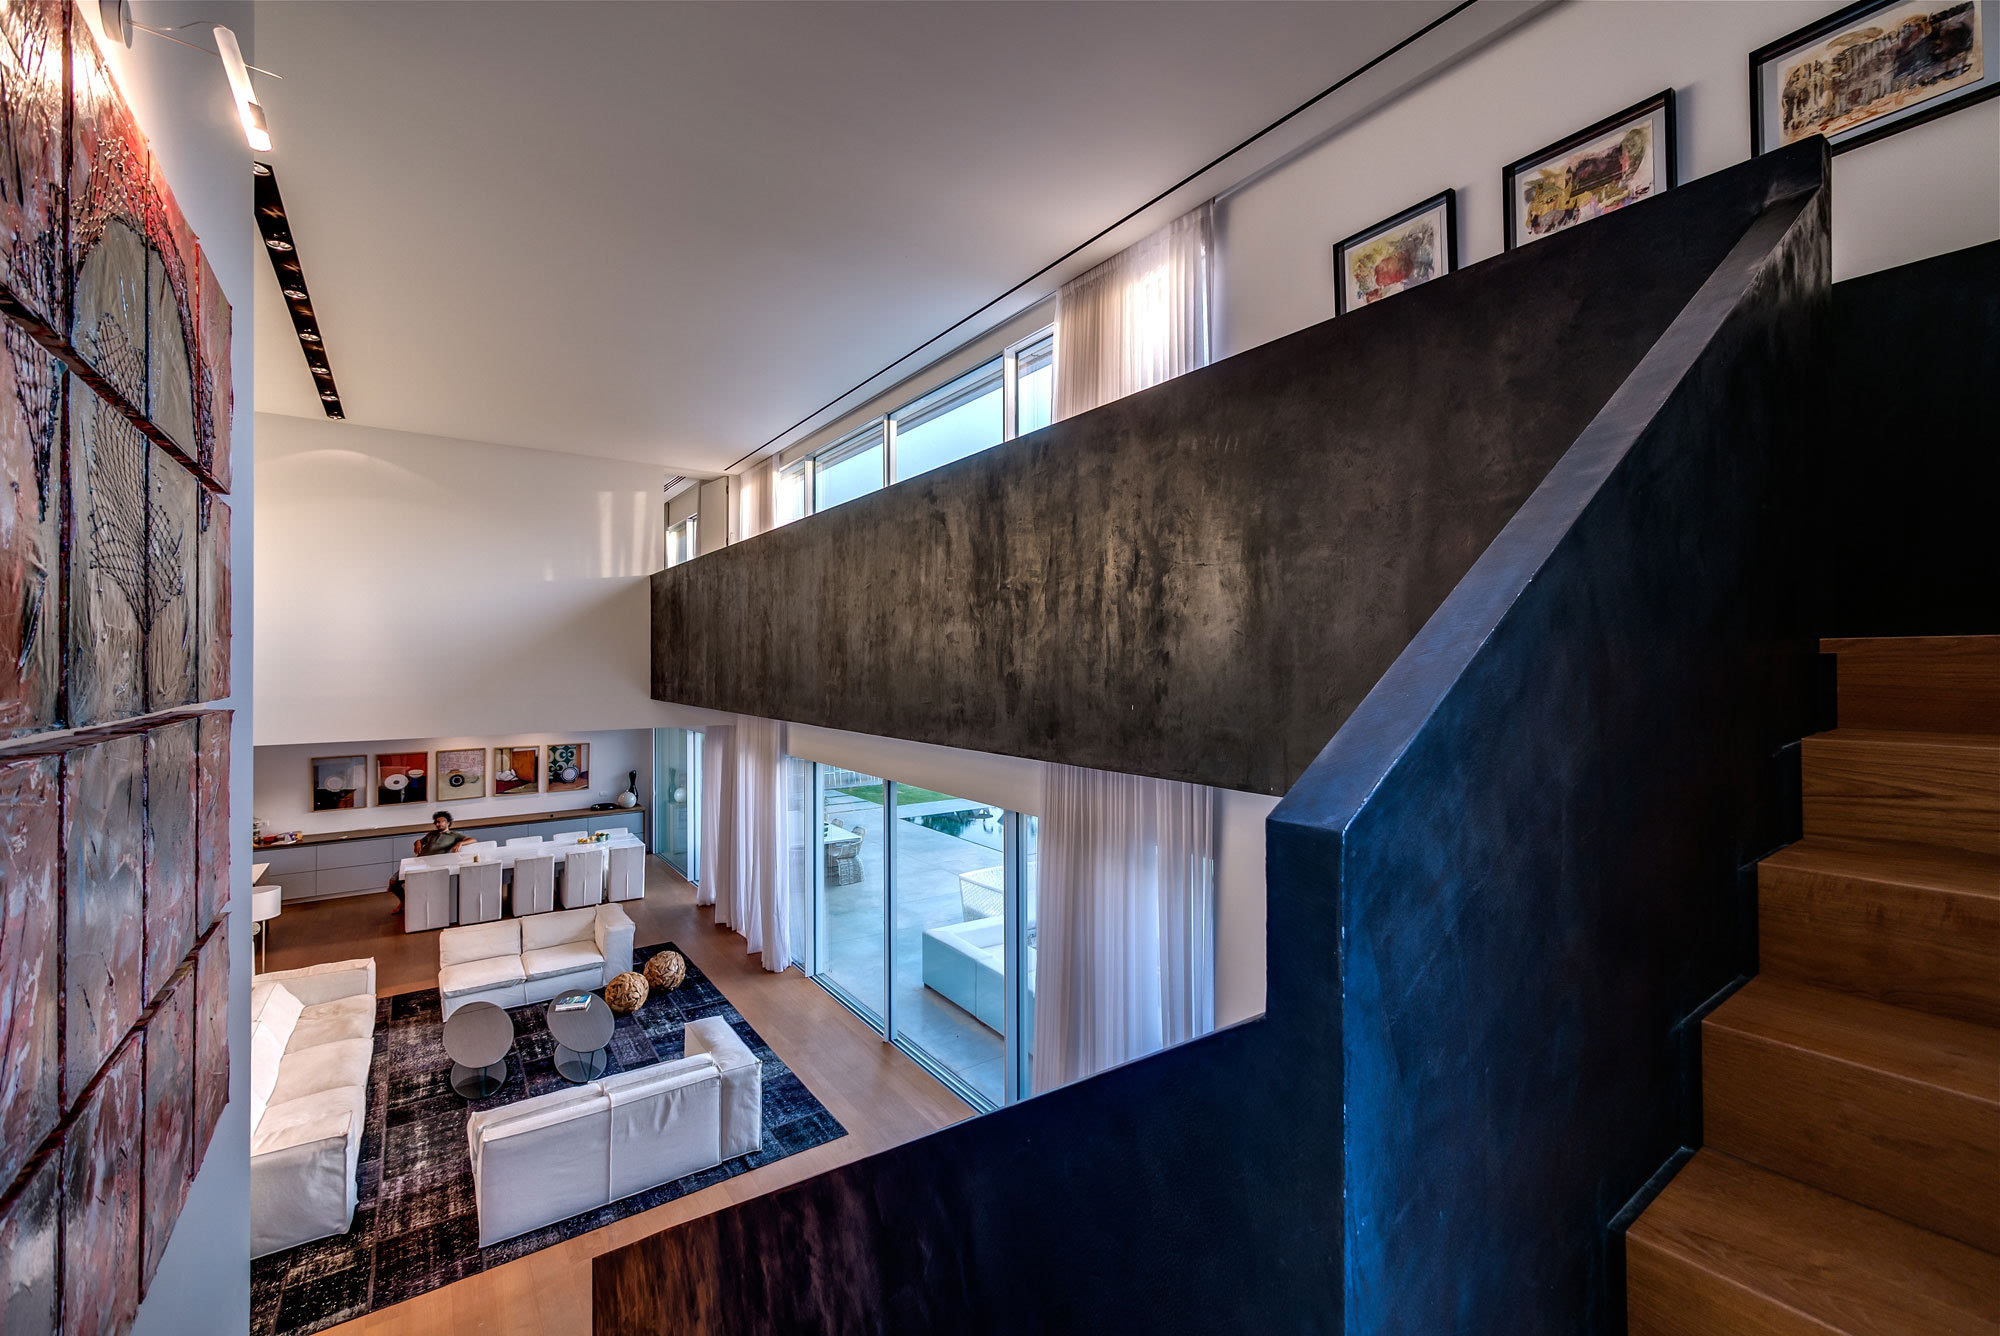 二层别墅图片大全_欧式建筑的艺术氛围